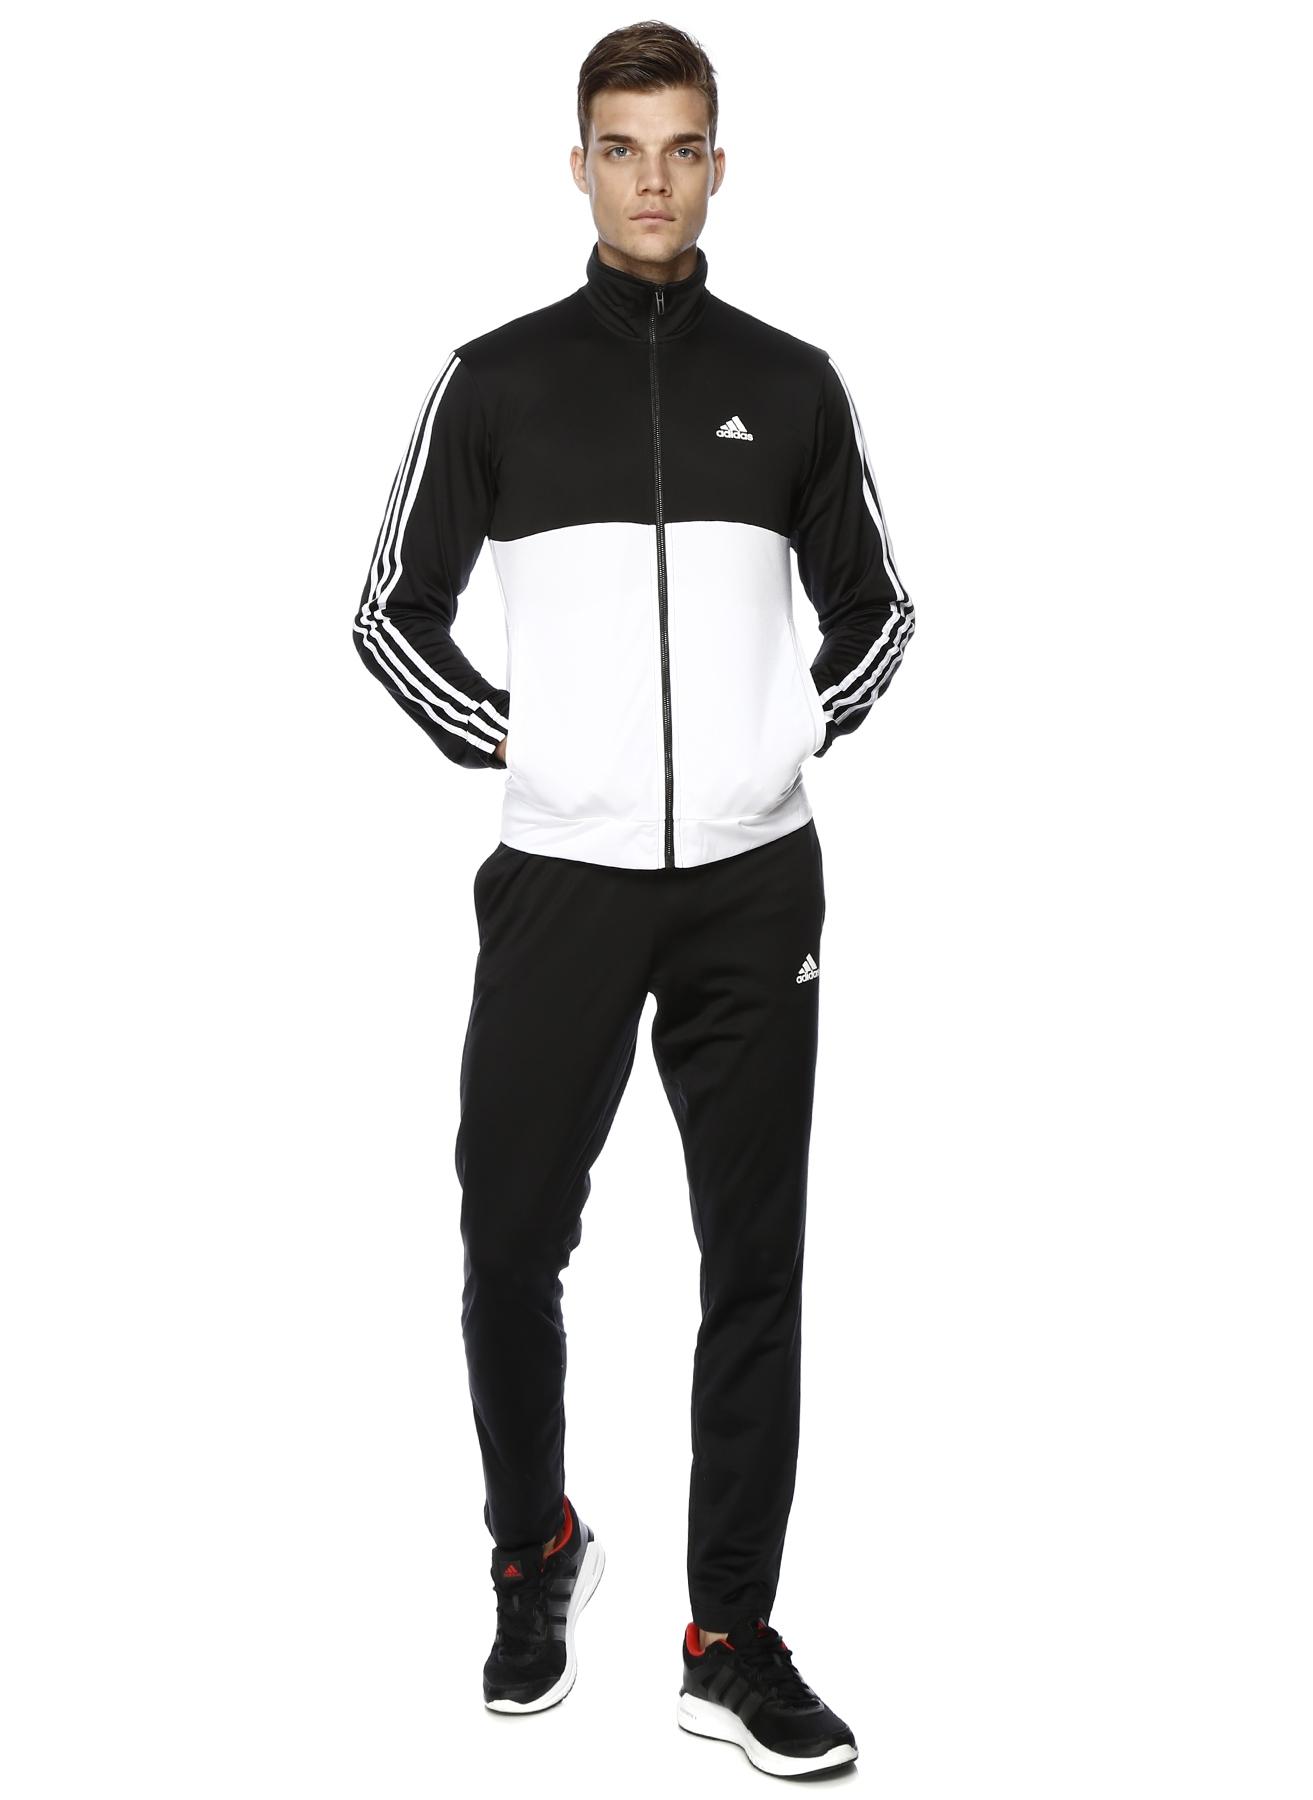 adidas Back 2 Basics 3S Eşofman Takımı 44 5000162477008 Ürün Resmi